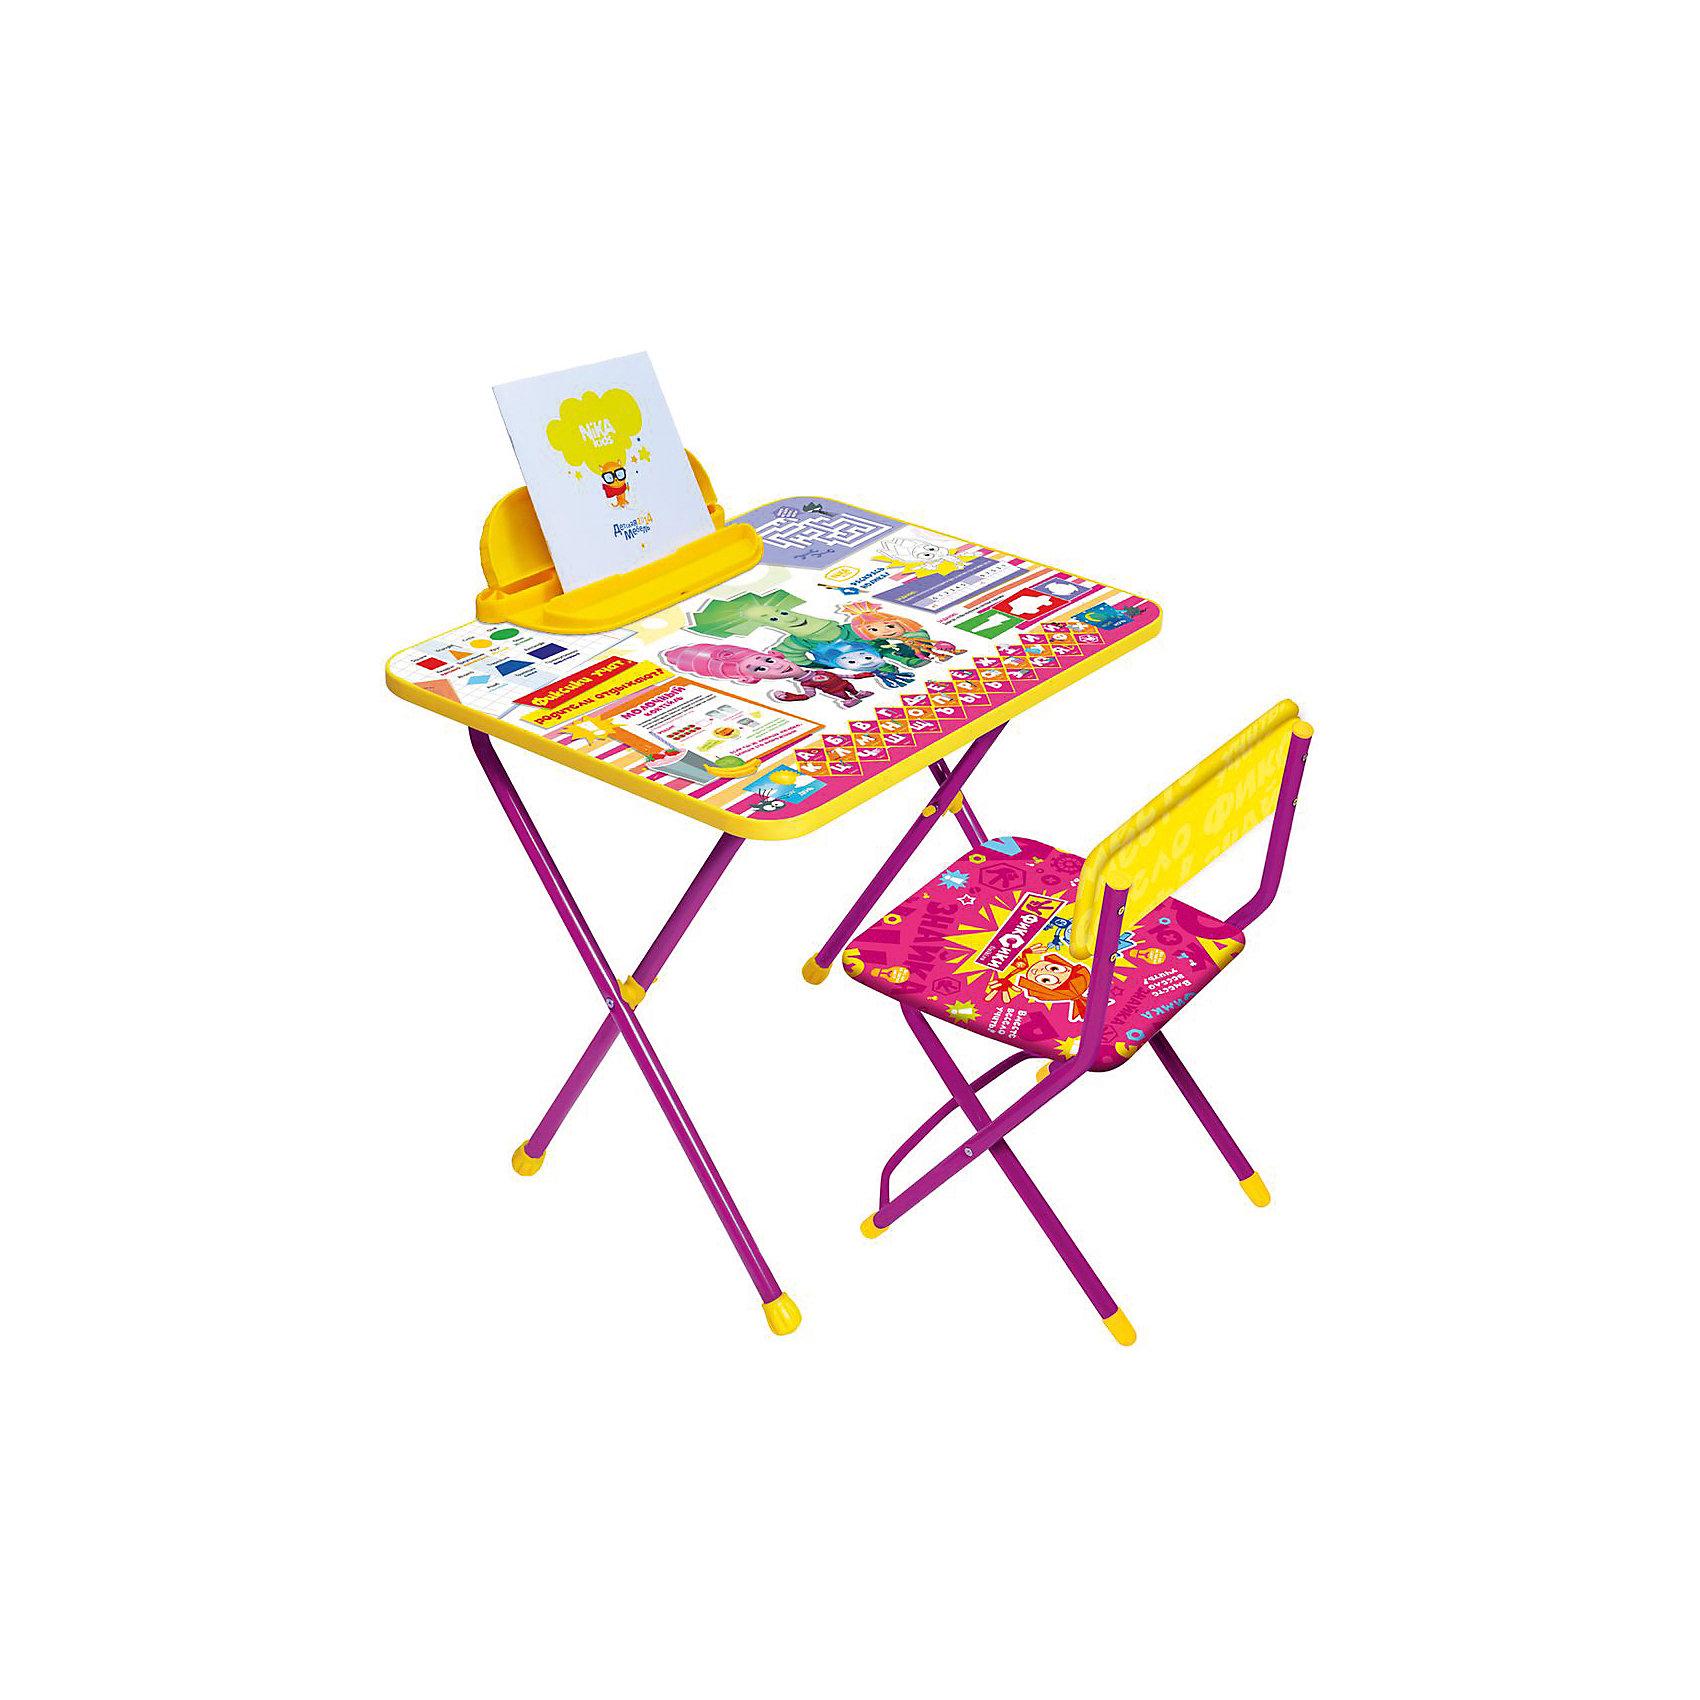 Набор мебели Ф1З. Фикси Знайка, НикаХарактеристики товара:<br><br>• материал: металл, пластик<br>• размер столешницы: 60х45 см<br>• высота стола: 52 см<br>• сиденье: 30х28 см<br>• высота до сиденья: 30 см<br>• высота со спинкой 53 см<br>• пенал<br>• складной<br>• на столешнице - полезные рисунки<br>• на ламинированной поверхности стола можно рисовать маркером на водной основе<br>• на ножках пластмассовые наконечники<br>• складной<br>• возраст: от 1,5 до 3 лет<br>• страна бренда: Российская Федерация<br>• страна производства: Российская Федерация<br><br>Детская мебель может быть удобной и эргономичной! Этот комплект разработан специально для детей от полутора до трех лет. Он легко складывается и раскладывается, занимает немного места, легко моется. Каркас сделан из прочного, но легкого металла, а на ножках установлены пластмассовые наконечники для защиты напольного покрытия. Столешница украшена полезными познавательными рисунками. Отличное решение как для кормления малыша, так и для игр, творчества и развивающих занятий!<br>Правильно подобранная мебель помогает ребенку расти здоровым, формироваться правильной осанке. Изделие производится из качественных сертифицированных материалов, безопасных даже для самых маленьких.<br><br>Набор мебели Фикси Знайка от бренда Ника можно купить в нашем интернет-магазине.<br><br>Ширина мм: 750<br>Глубина мм: 155<br>Высота мм: 610<br>Вес г: 7020<br>Возраст от месяцев: 180<br>Возраст до месяцев: 36<br>Пол: Унисекс<br>Возраст: Детский<br>SKU: 5223632